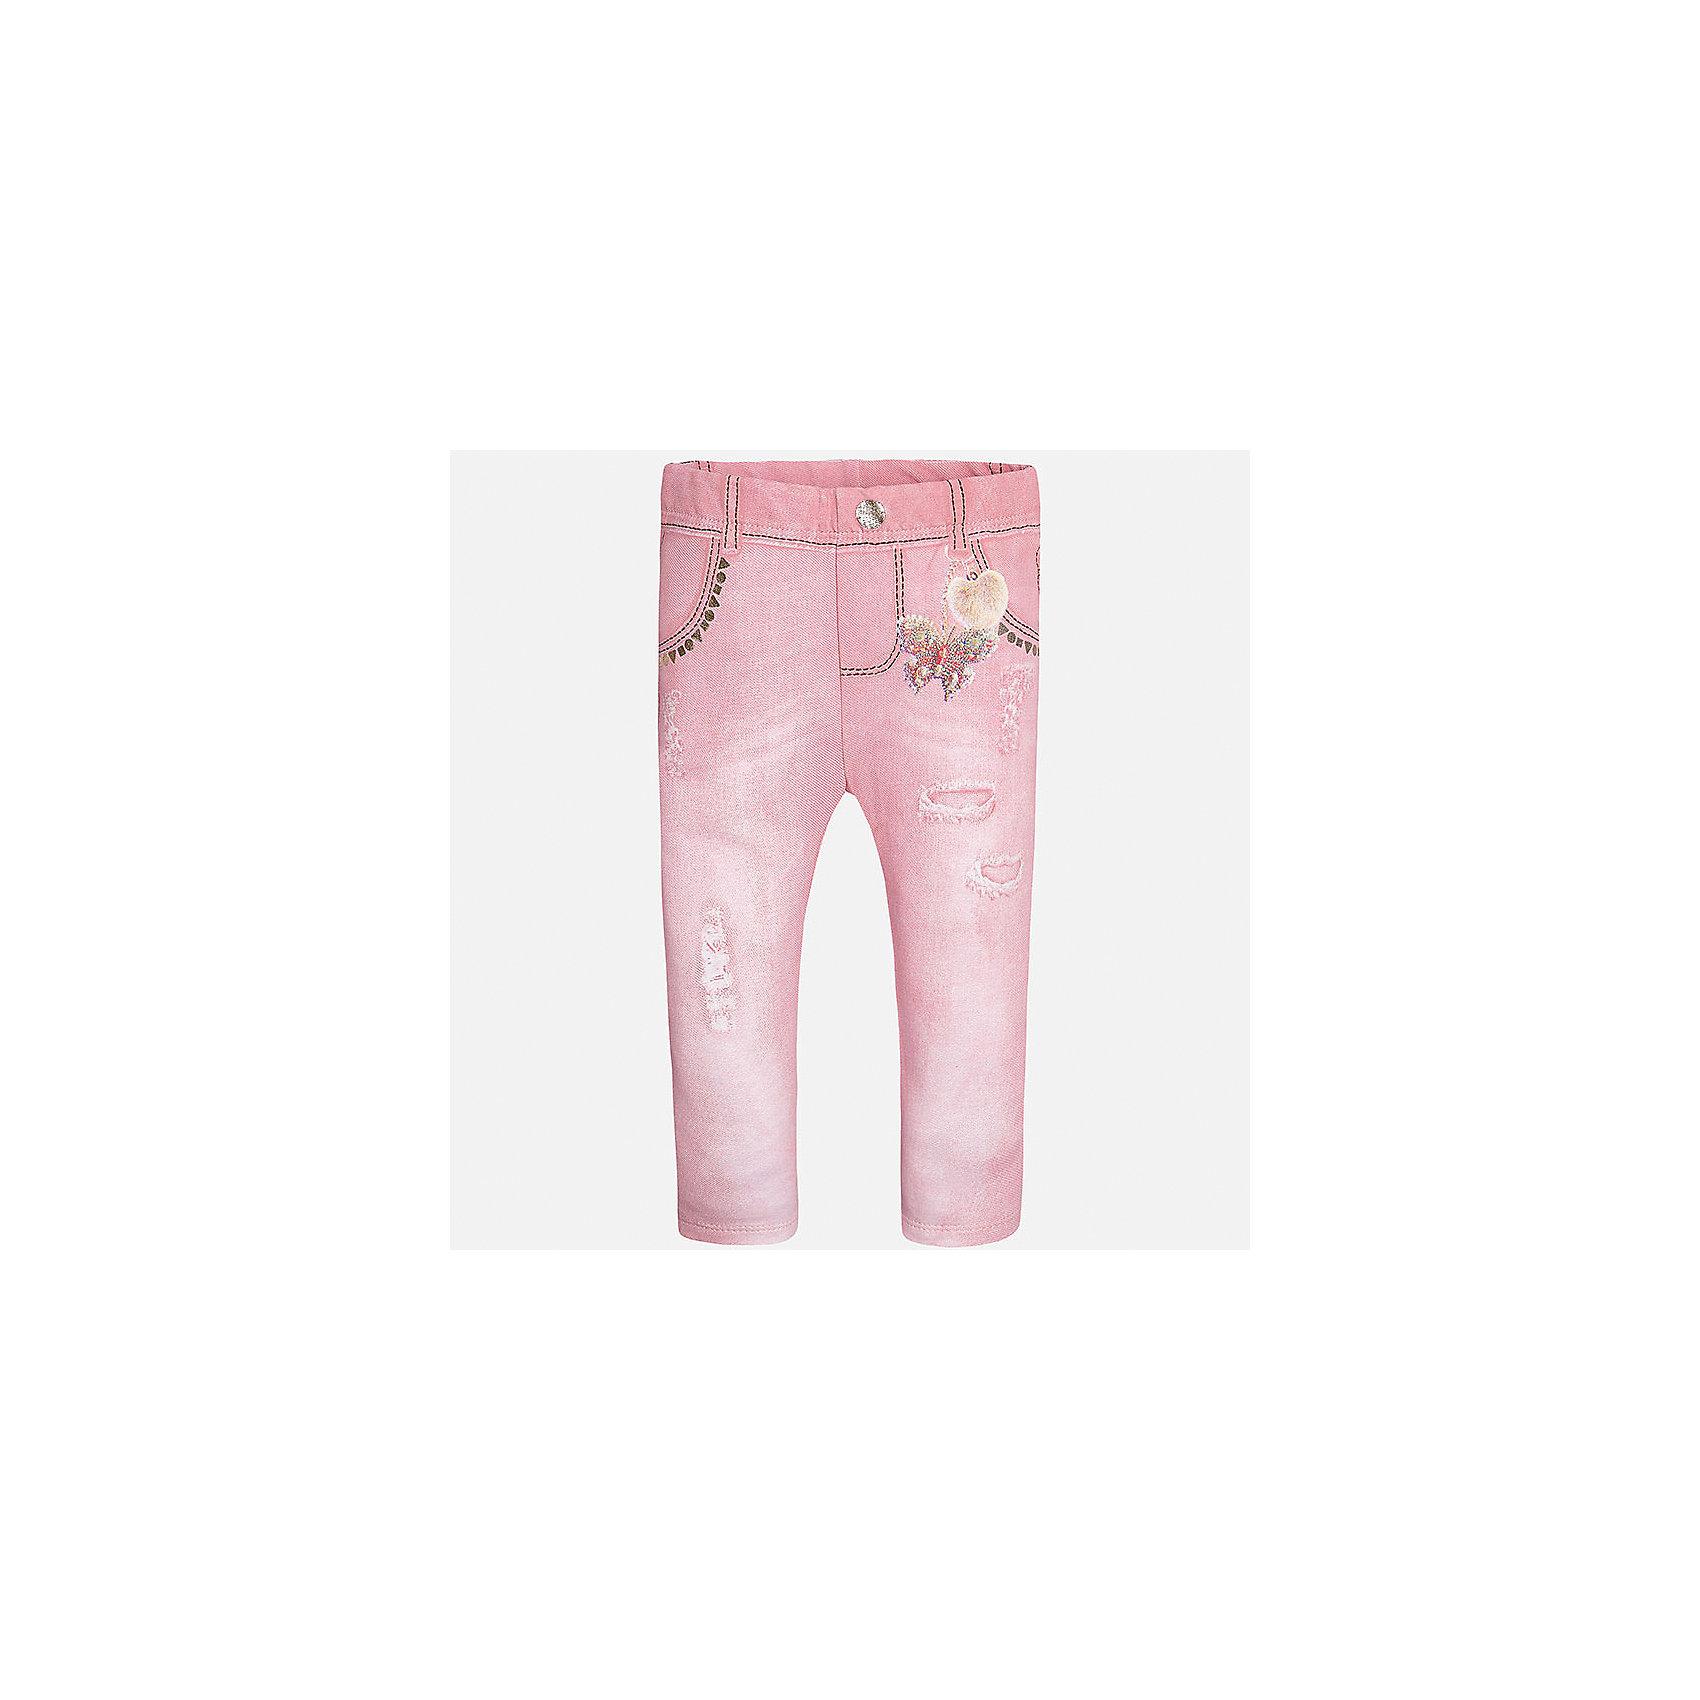 Леггинсы для девочки MayoralБрюки<br>Характеристики товара:<br><br>• цвет: розовый<br>• состав: 95% хлопок, 5% эластан<br>• шлевки<br>• эластичный материал<br>• принт<br>• имитация потертости<br>• страна бренда: Испания<br><br>Модные леггинсы для девочки смогут разнообразить гардероб ребенка и украсить наряд. Они отлично сочетаются с майками, футболками, блузками. Красивый оттенок позволяет подобрать к вещи верх разных расцветок. В составе материала - натуральный хлопок, гипоаллергенный, приятный на ощупь, дышащий. Леггинсы отлично сидят и не стесняют движения.<br><br>Одежда, обувь и аксессуары от испанского бренда Mayoral полюбились детям и взрослым по всему миру. Модели этой марки - стильные и удобные. Для их производства используются только безопасные, качественные материалы и фурнитура. Порадуйте ребенка модными и красивыми вещами от Mayoral! <br><br>Леггинсы для девочки от испанского бренда Mayoral (Майорал) можно купить в нашем интернет-магазине.<br><br>Ширина мм: 123<br>Глубина мм: 10<br>Высота мм: 149<br>Вес г: 209<br>Цвет: красный<br>Возраст от месяцев: 18<br>Возраст до месяцев: 24<br>Пол: Женский<br>Возраст: Детский<br>Размер: 92,74,80,86<br>SKU: 5300067